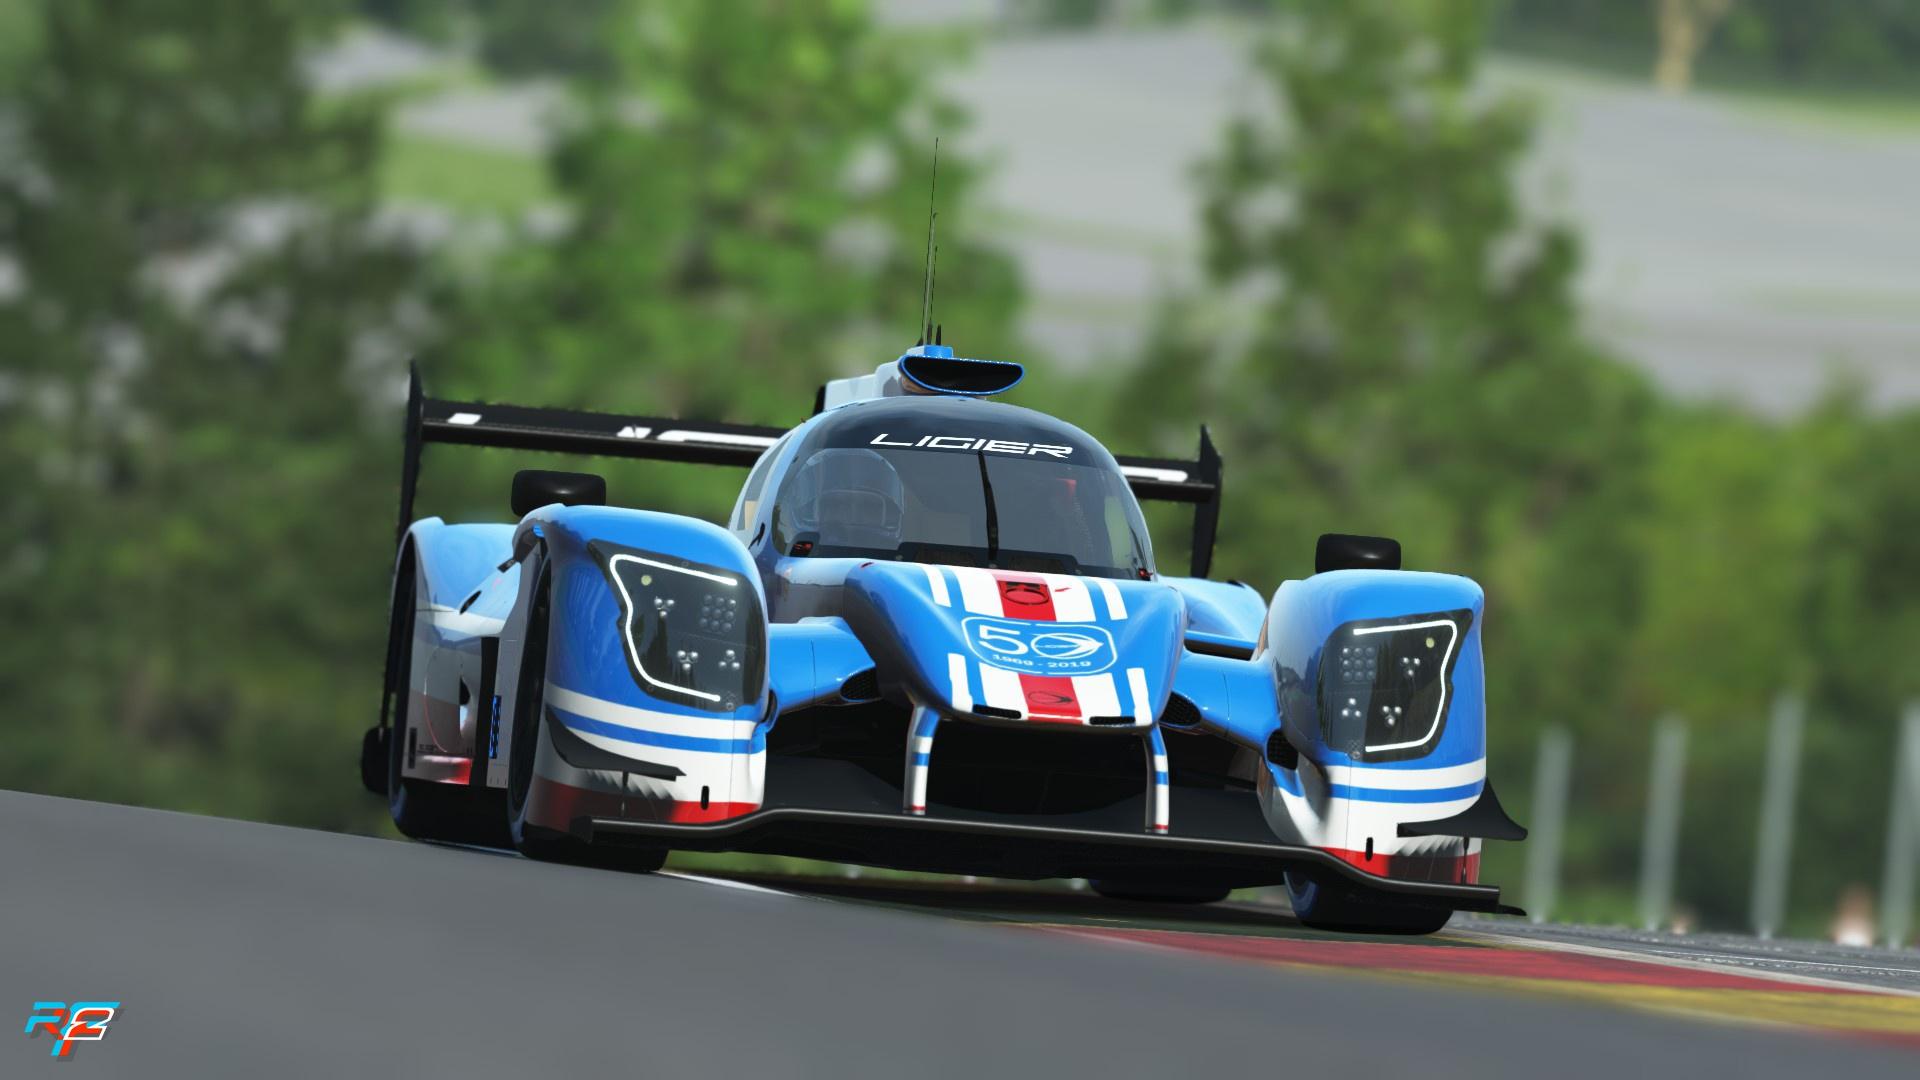 Ligier_LMP2_2020_01.jpg